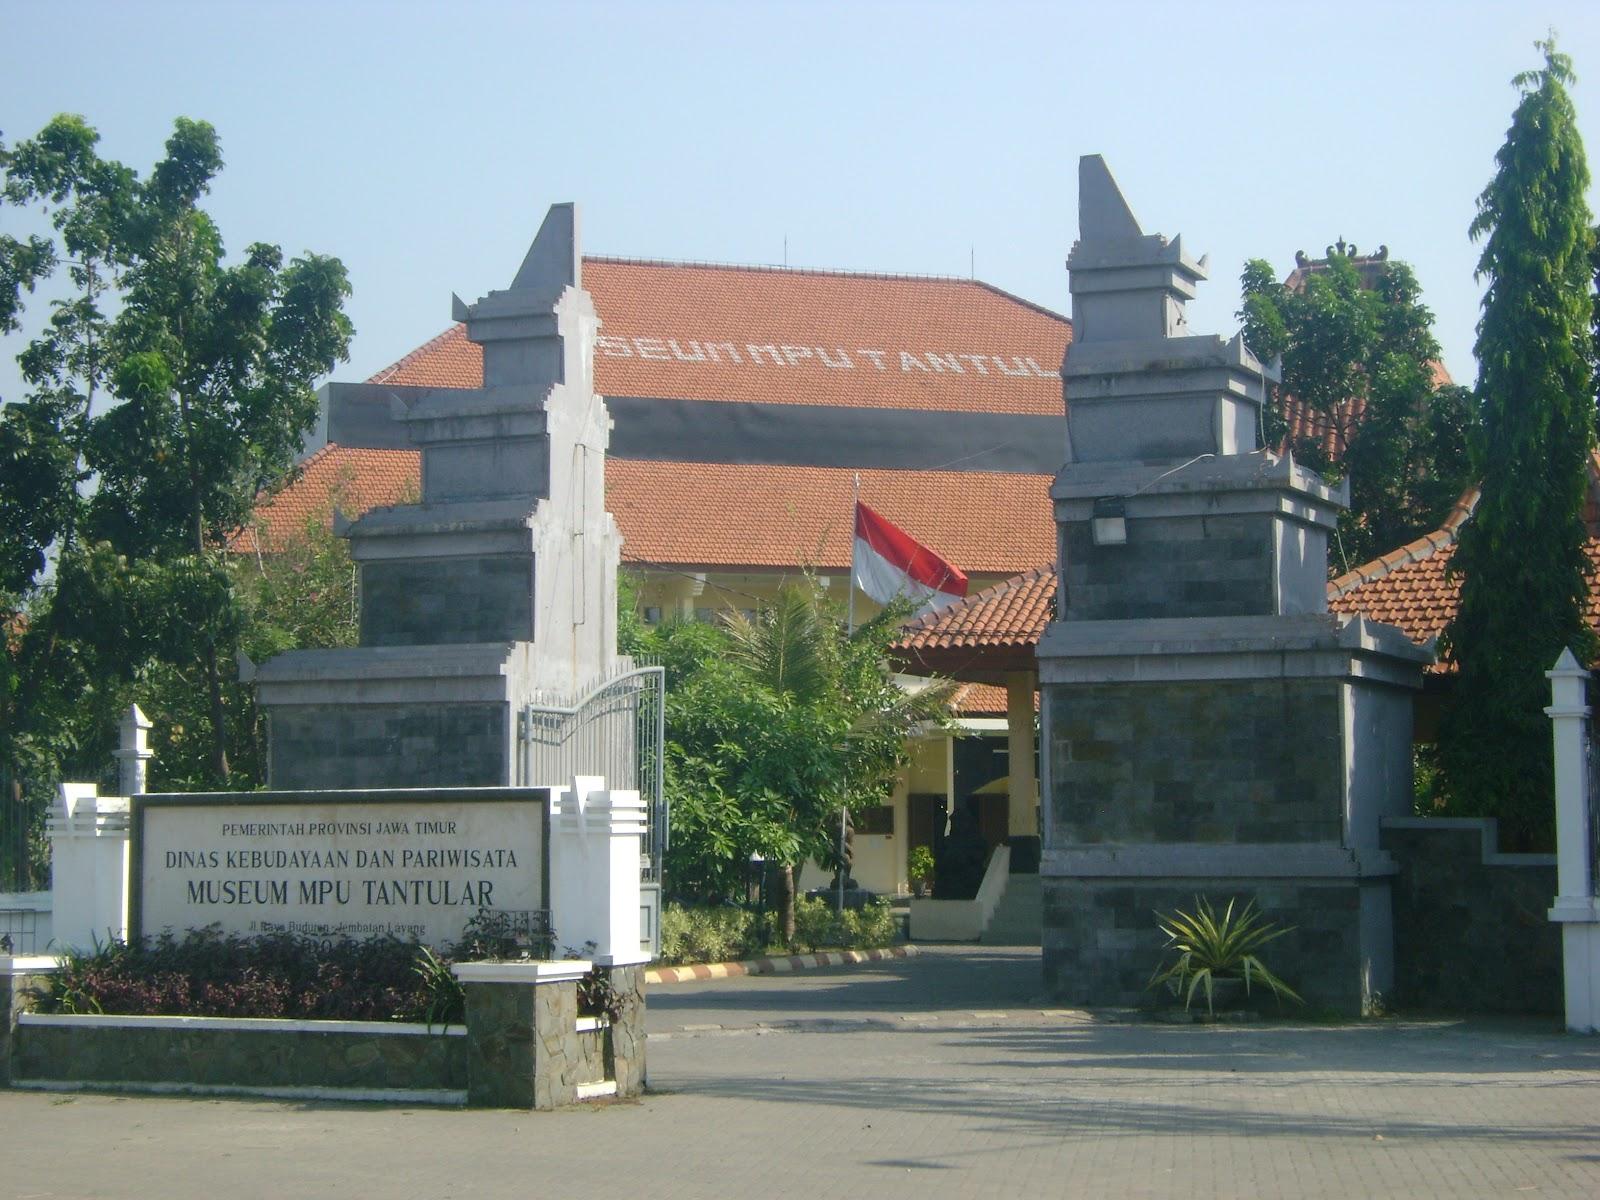 Museum Negeri Provinsi Jawa Timur Mpu Tantular Kekunaan Sepeninggal Von